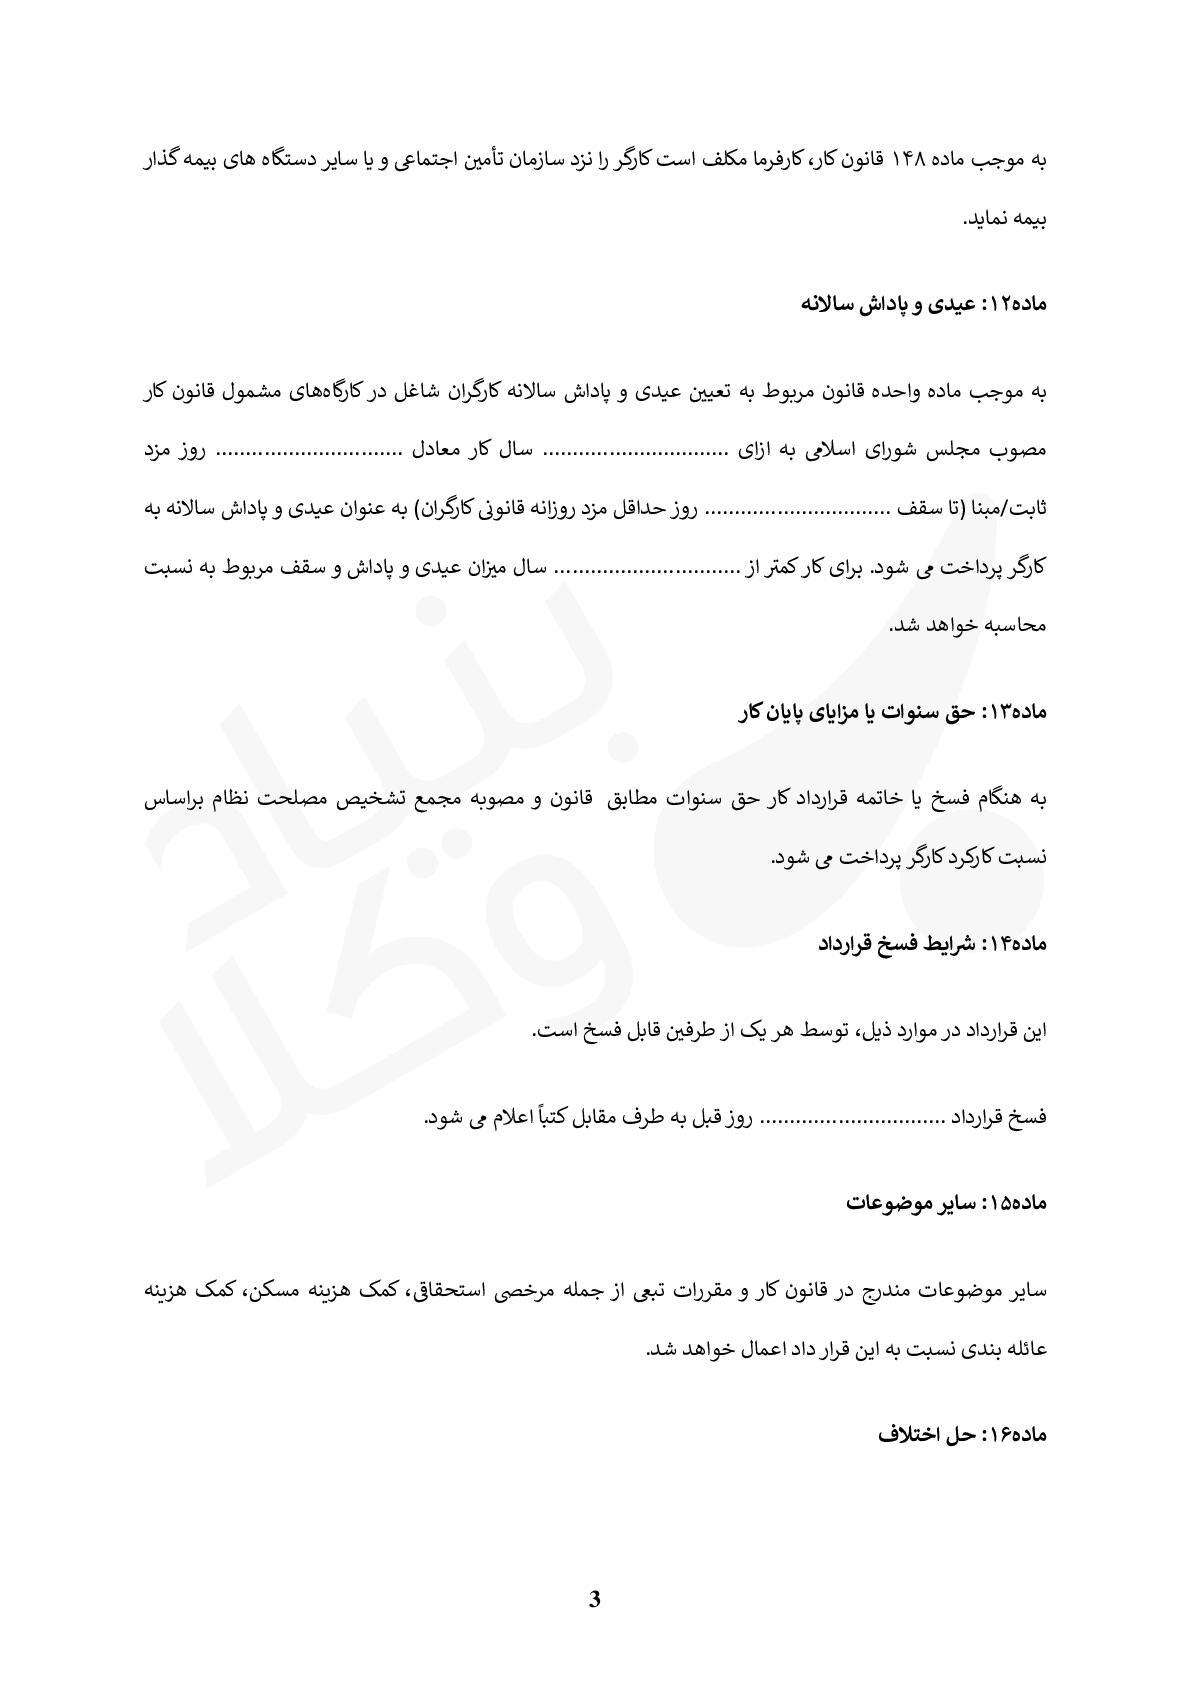 قرارداد کار کارگر و کارفرما